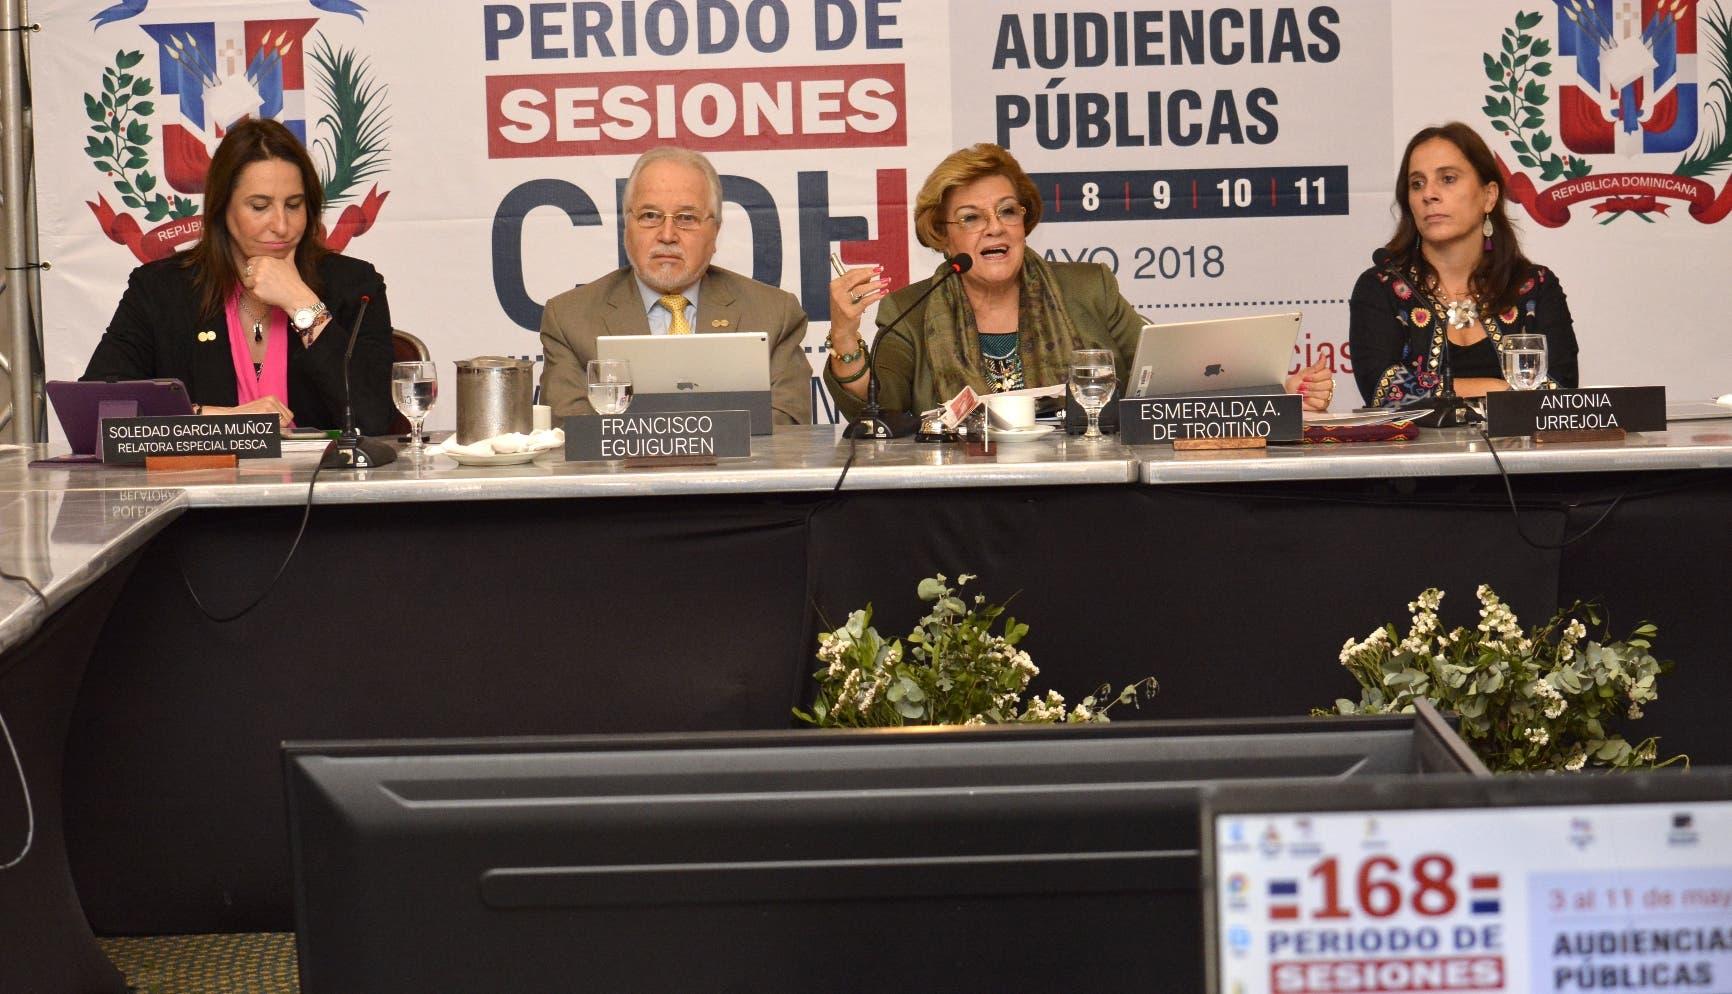 La Comisión Interamericana de Derechos Humanos (CIDH) realiza en el país su 168 periodo de sesiones de audiencias públicas. Osi Méndez